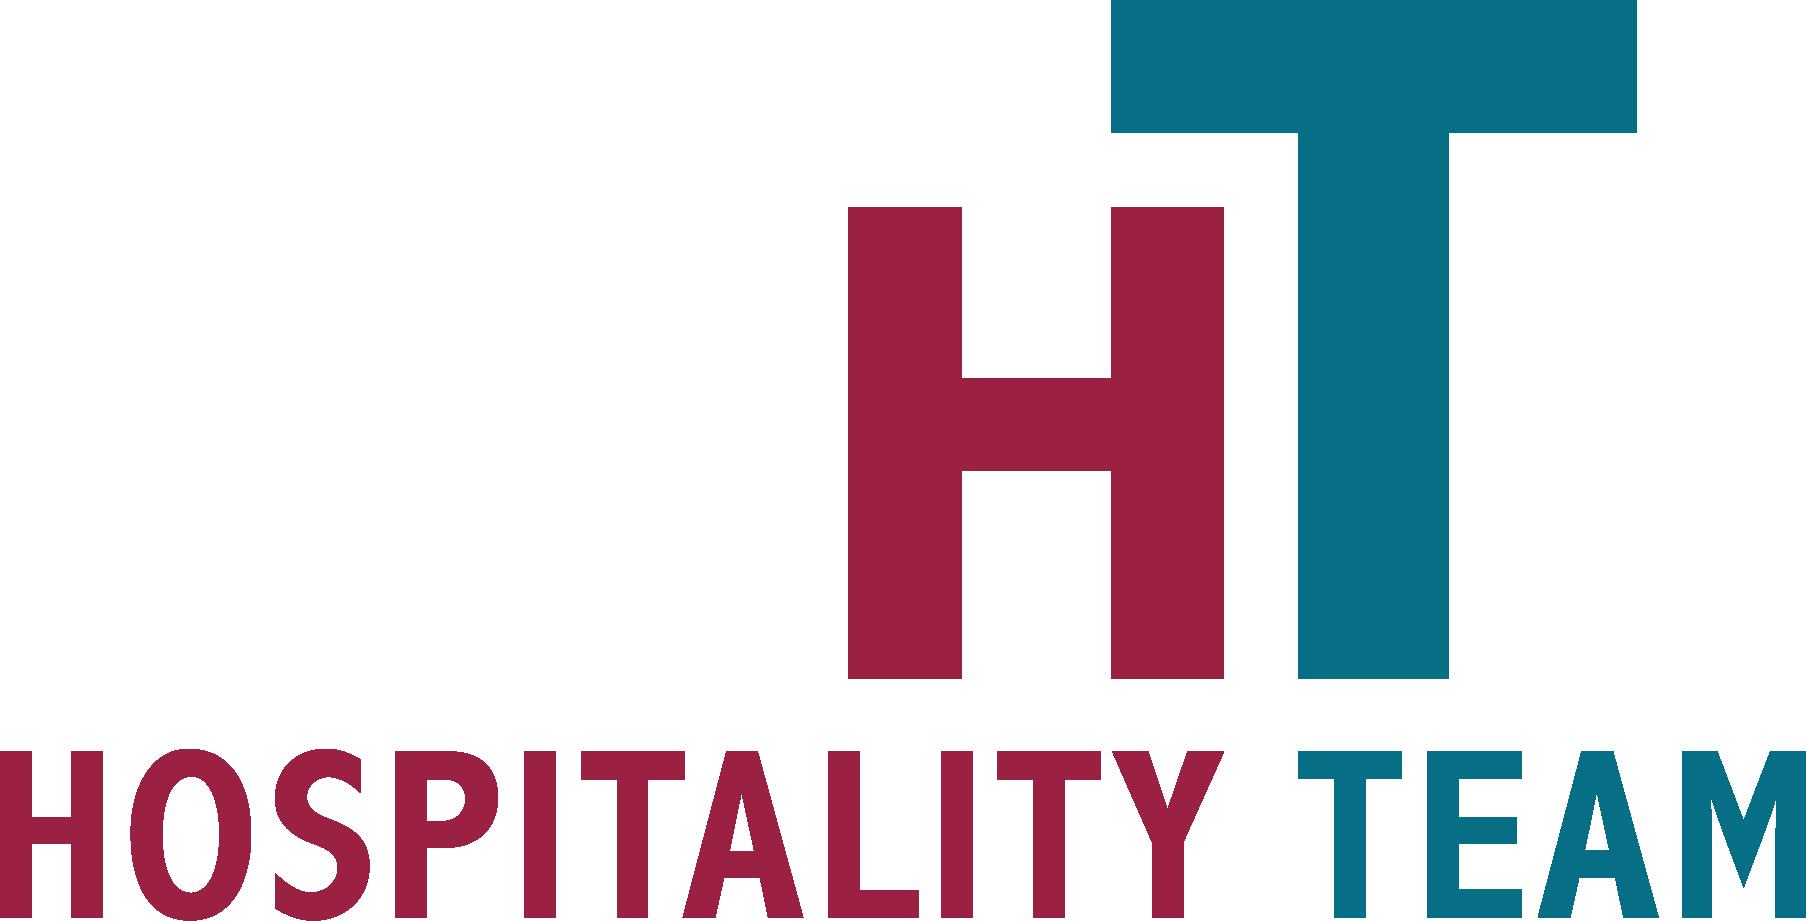 transizione, Piano Transizione 4.0, la nuova politica industriale 2020-2022 per il Paese, Hospitality Team, Hospitality Team